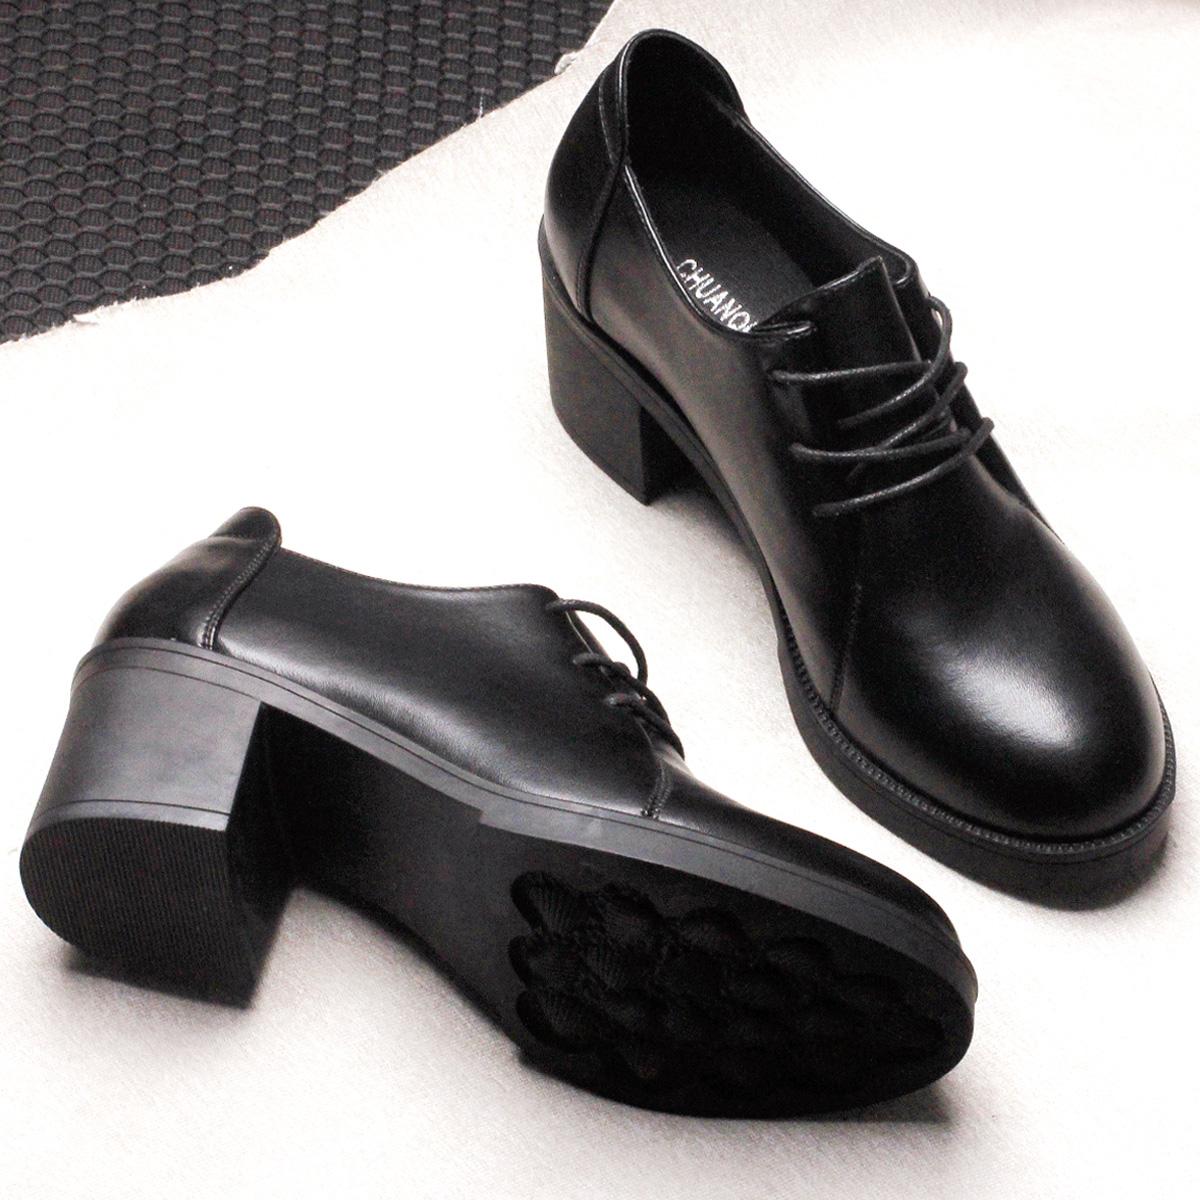 冬季黑色小皮鞋女中跟上班工作鞋粗跟高跟单鞋职业正装系带女鞋秋